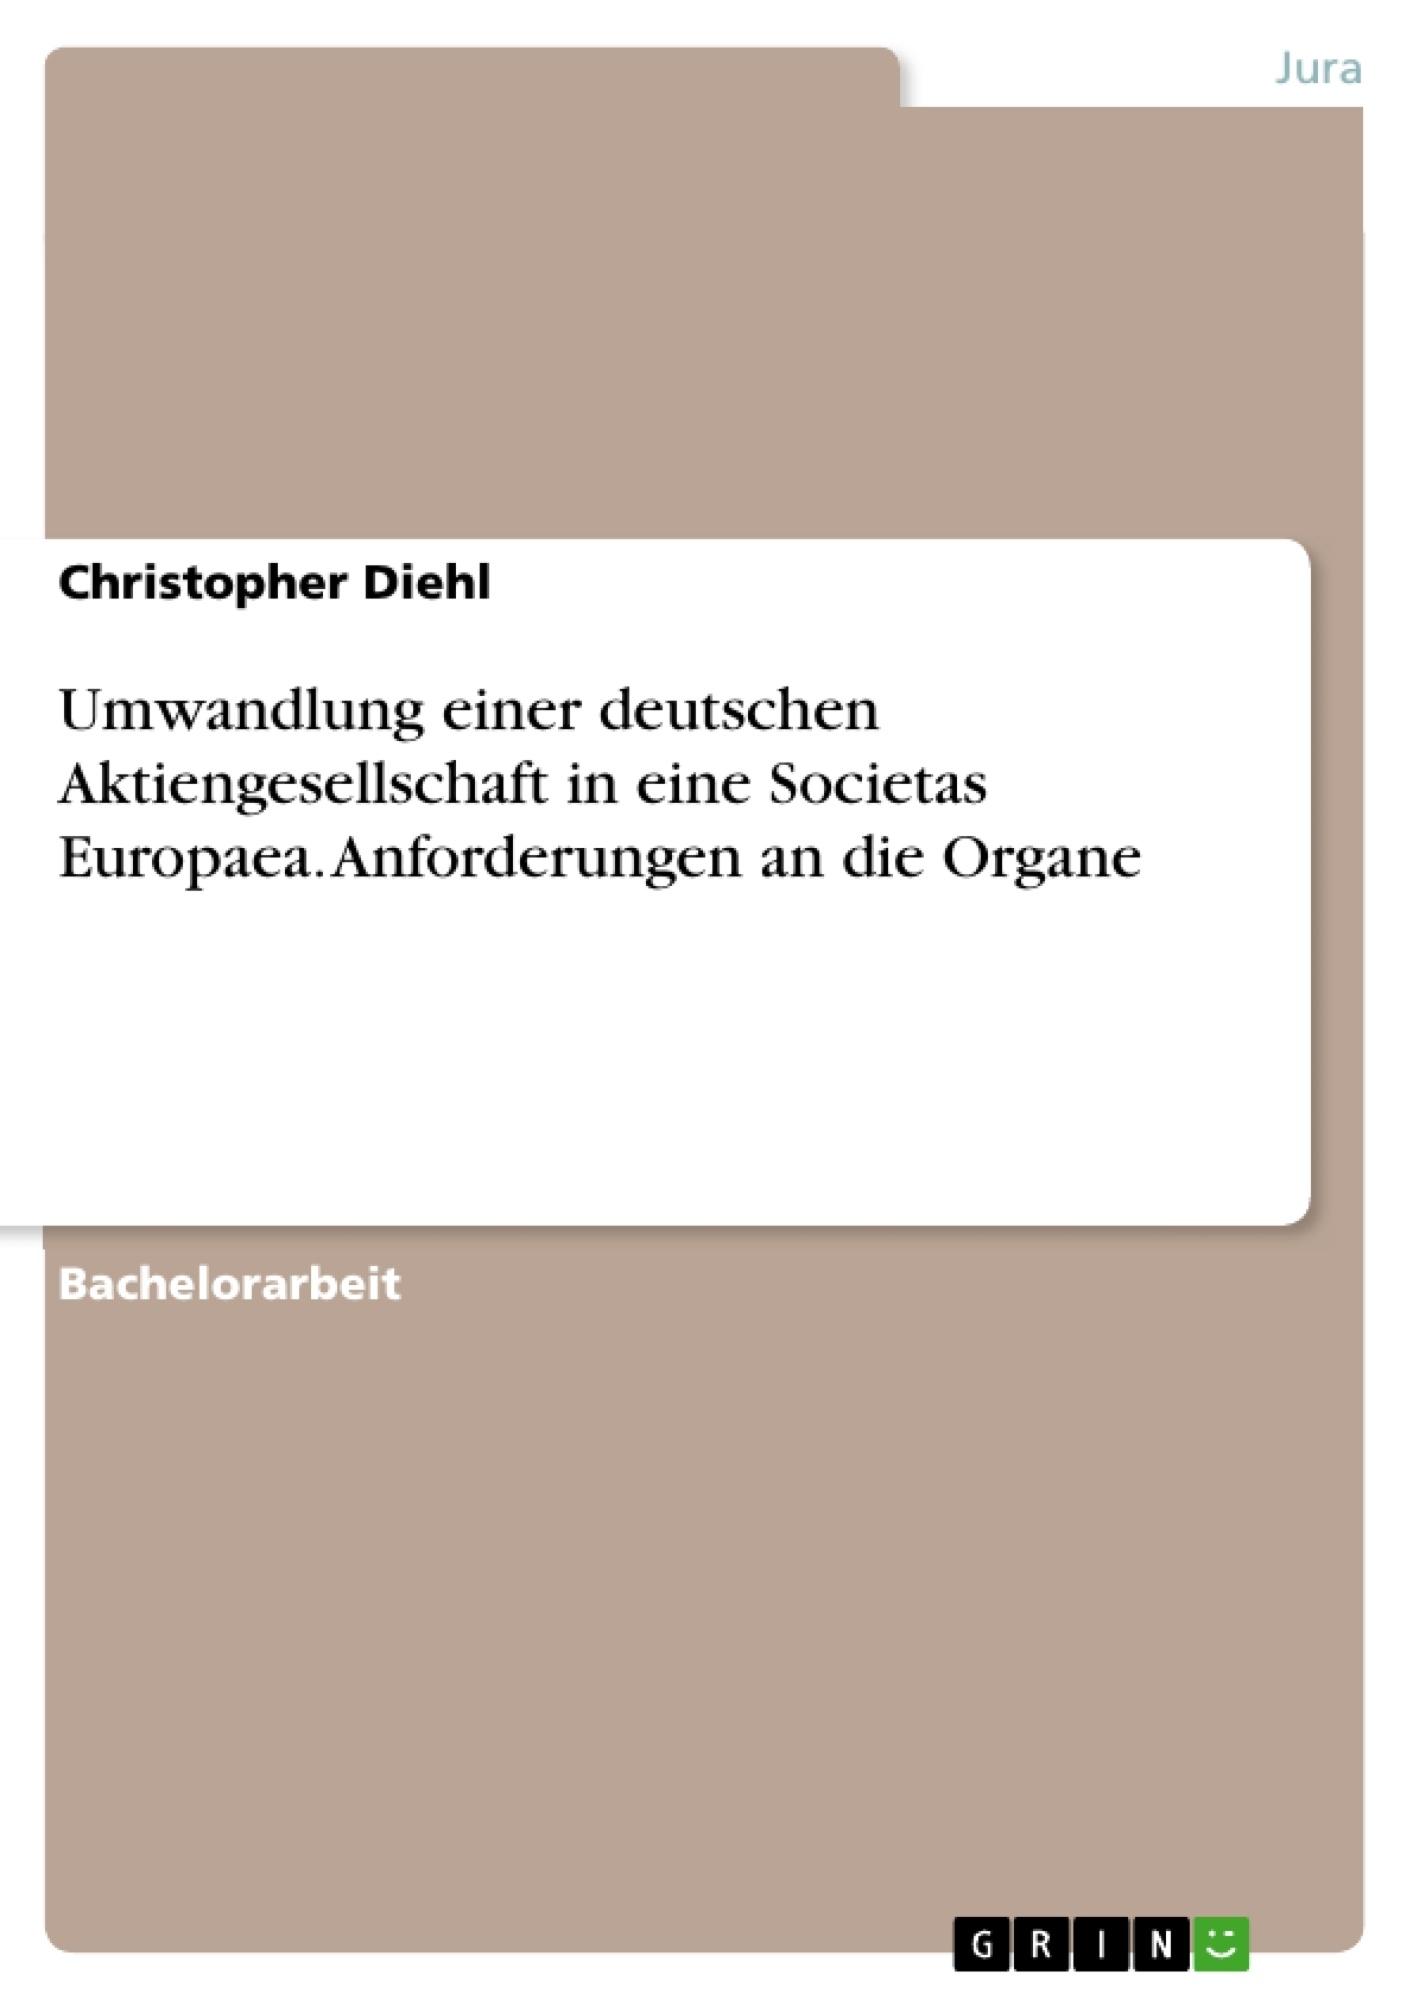 Titel: Umwandlung einer deutschen Aktiengesellschaft in eine Societas Europaea. Anforderungen an die Organe